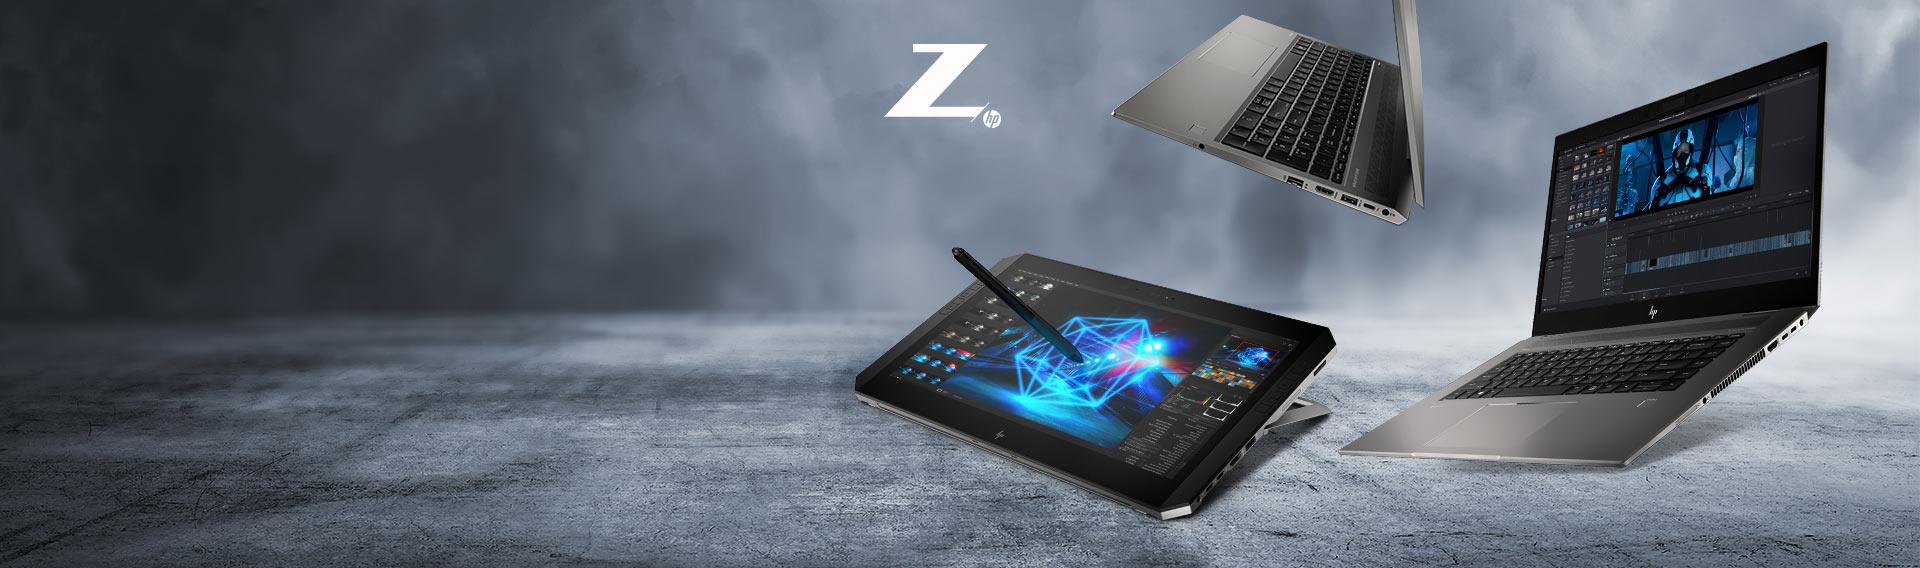 Comprá su nueva ZBook. Reinventá tus  creaciones y aprovechá cada momento de imaginación